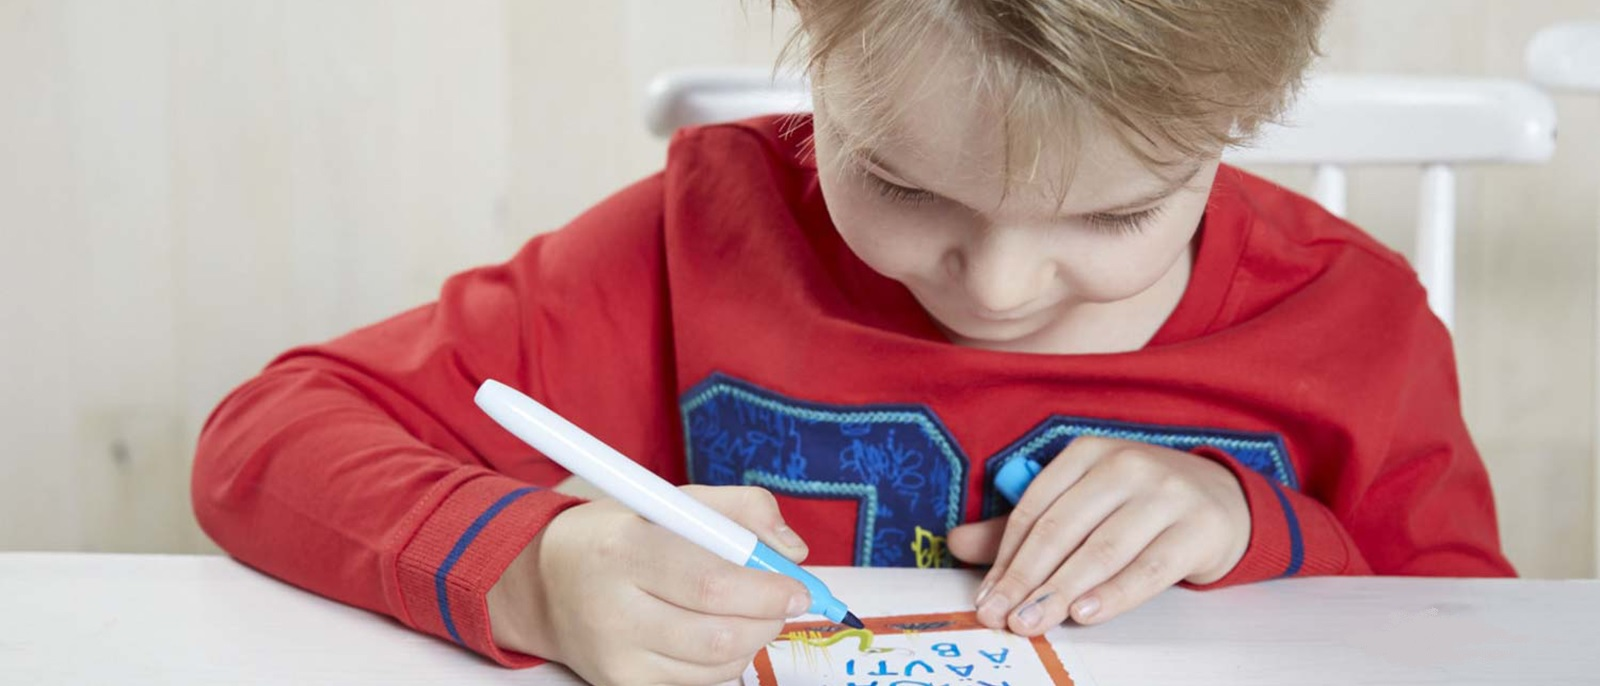 Kun lapsi on oppinut kirjainten nimet ja äänteet, hänen tarvitsee vielä yhdistää merkki ja ääni toisiinsa ja oppia liu'uttamaan niitä yhteen.